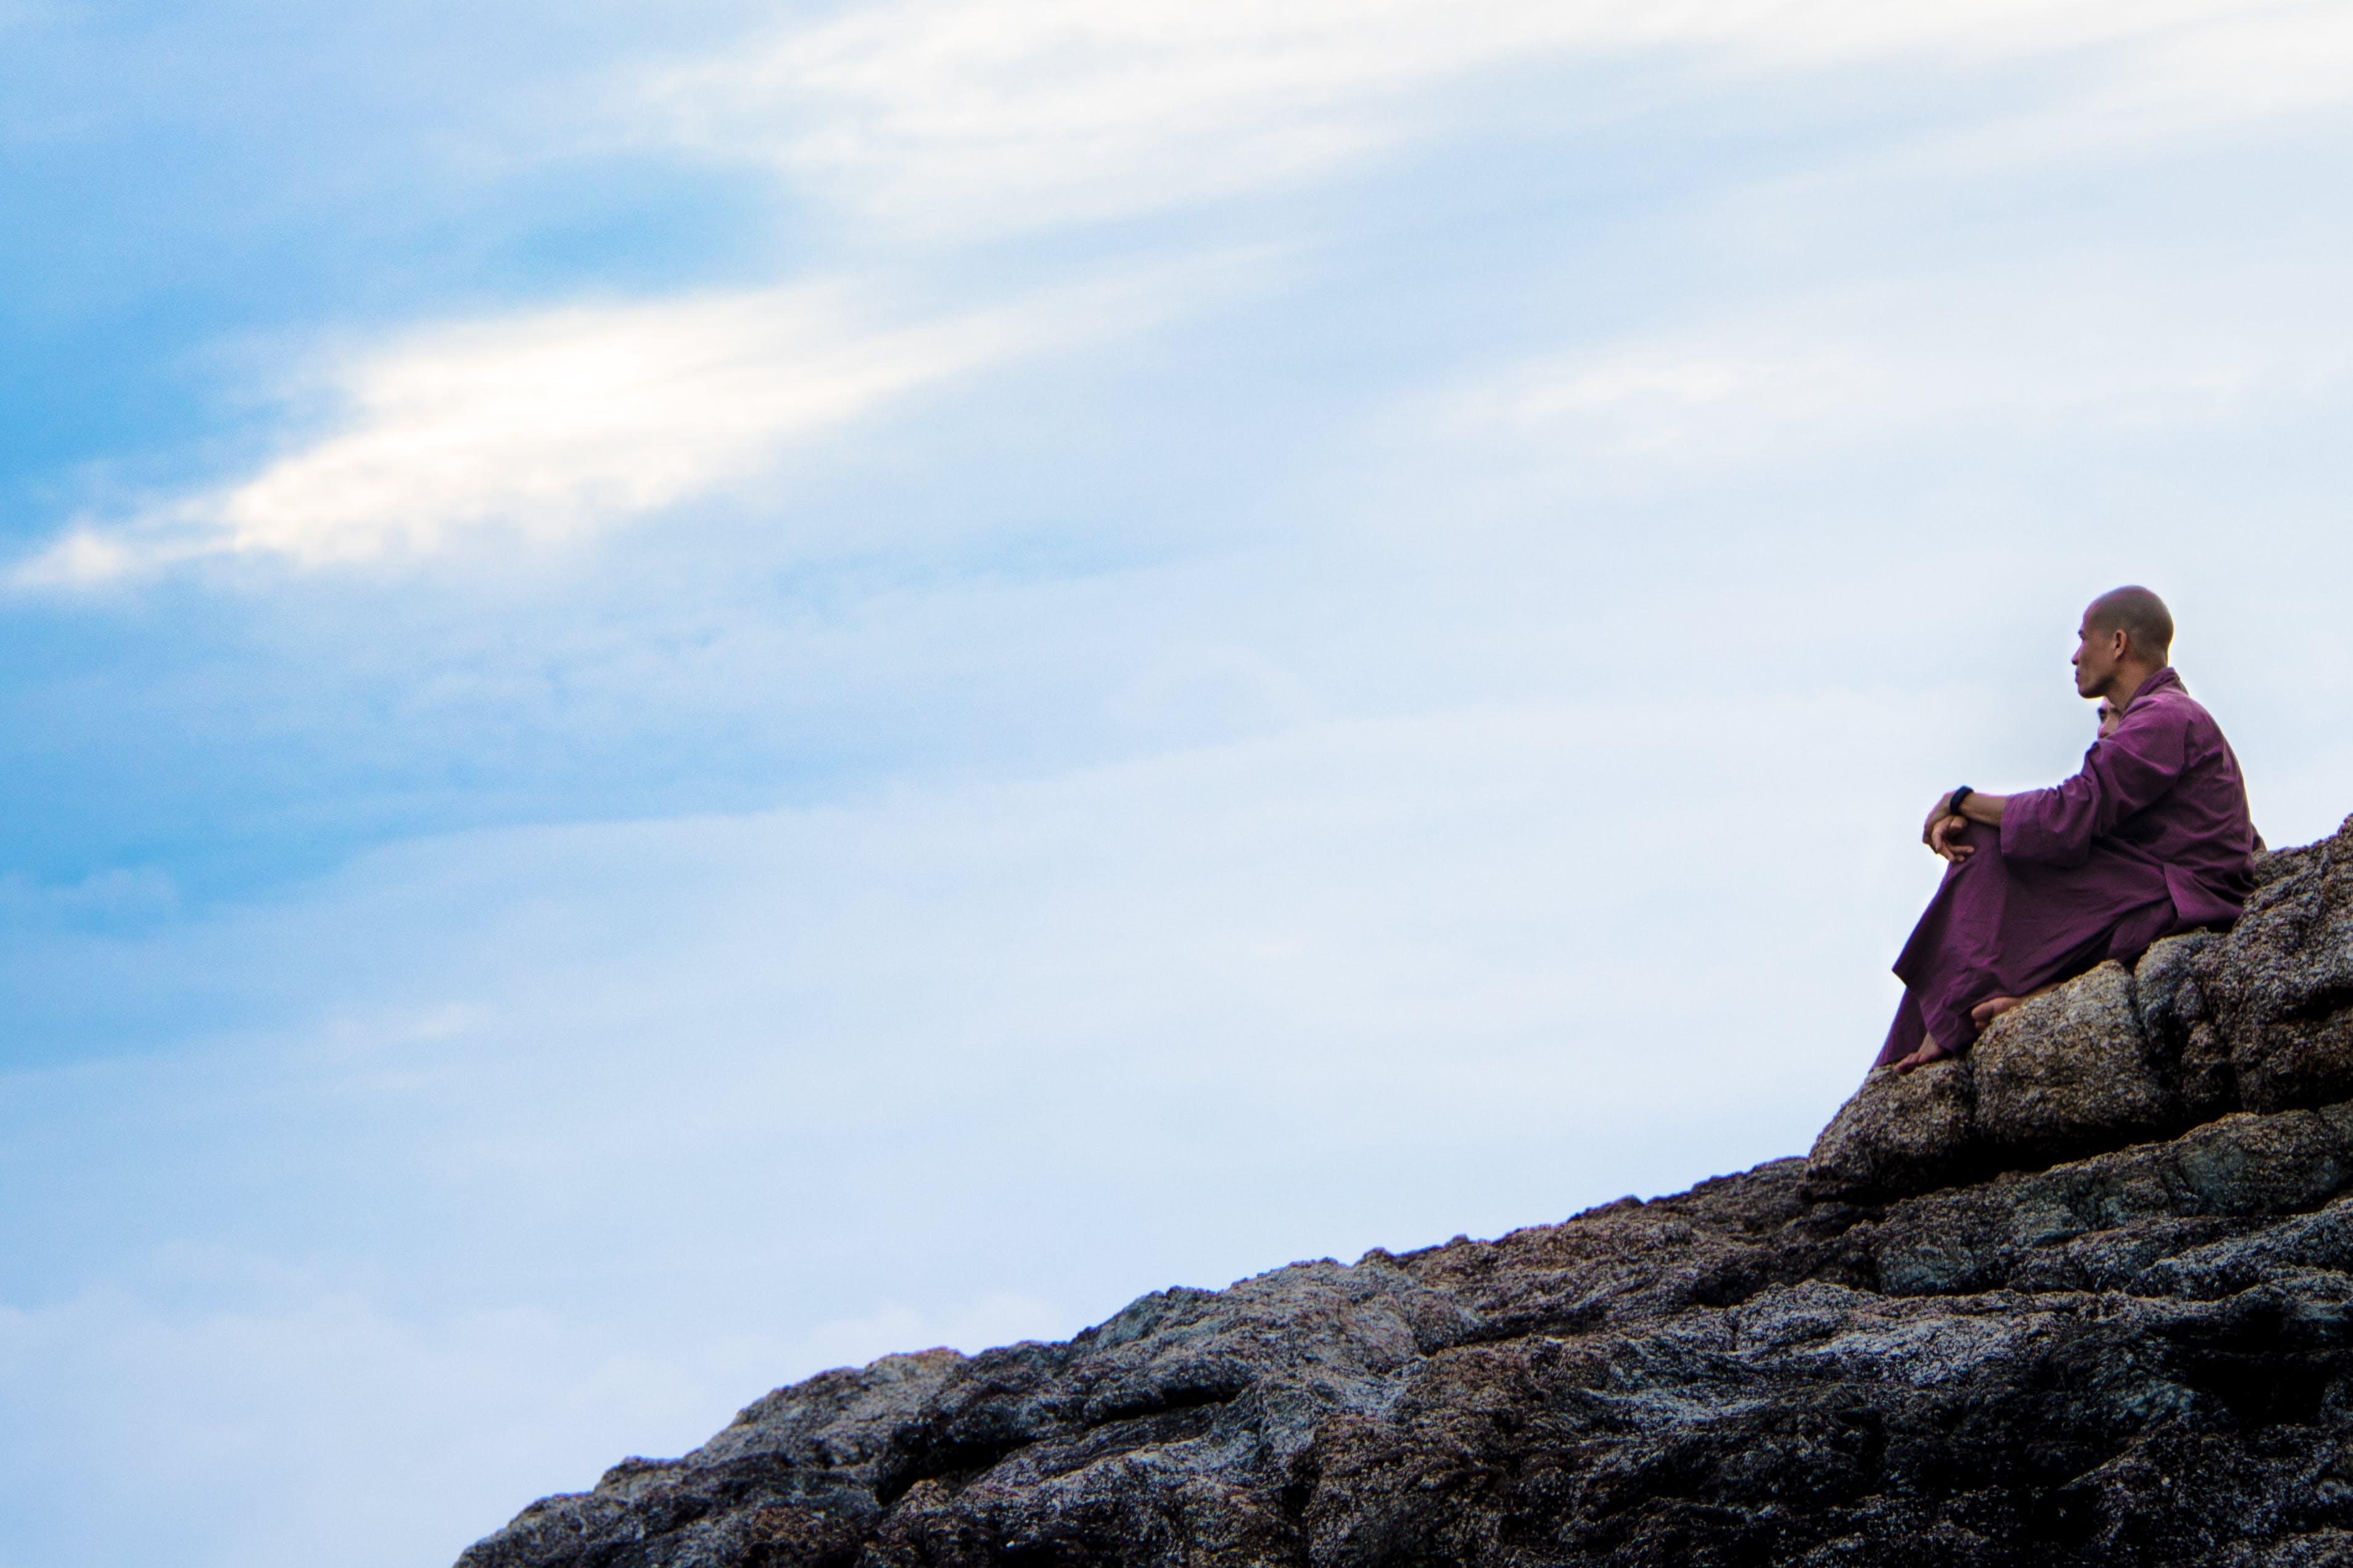 Gratis arkivbilde med himmel, korallrev, munk, sitt stille